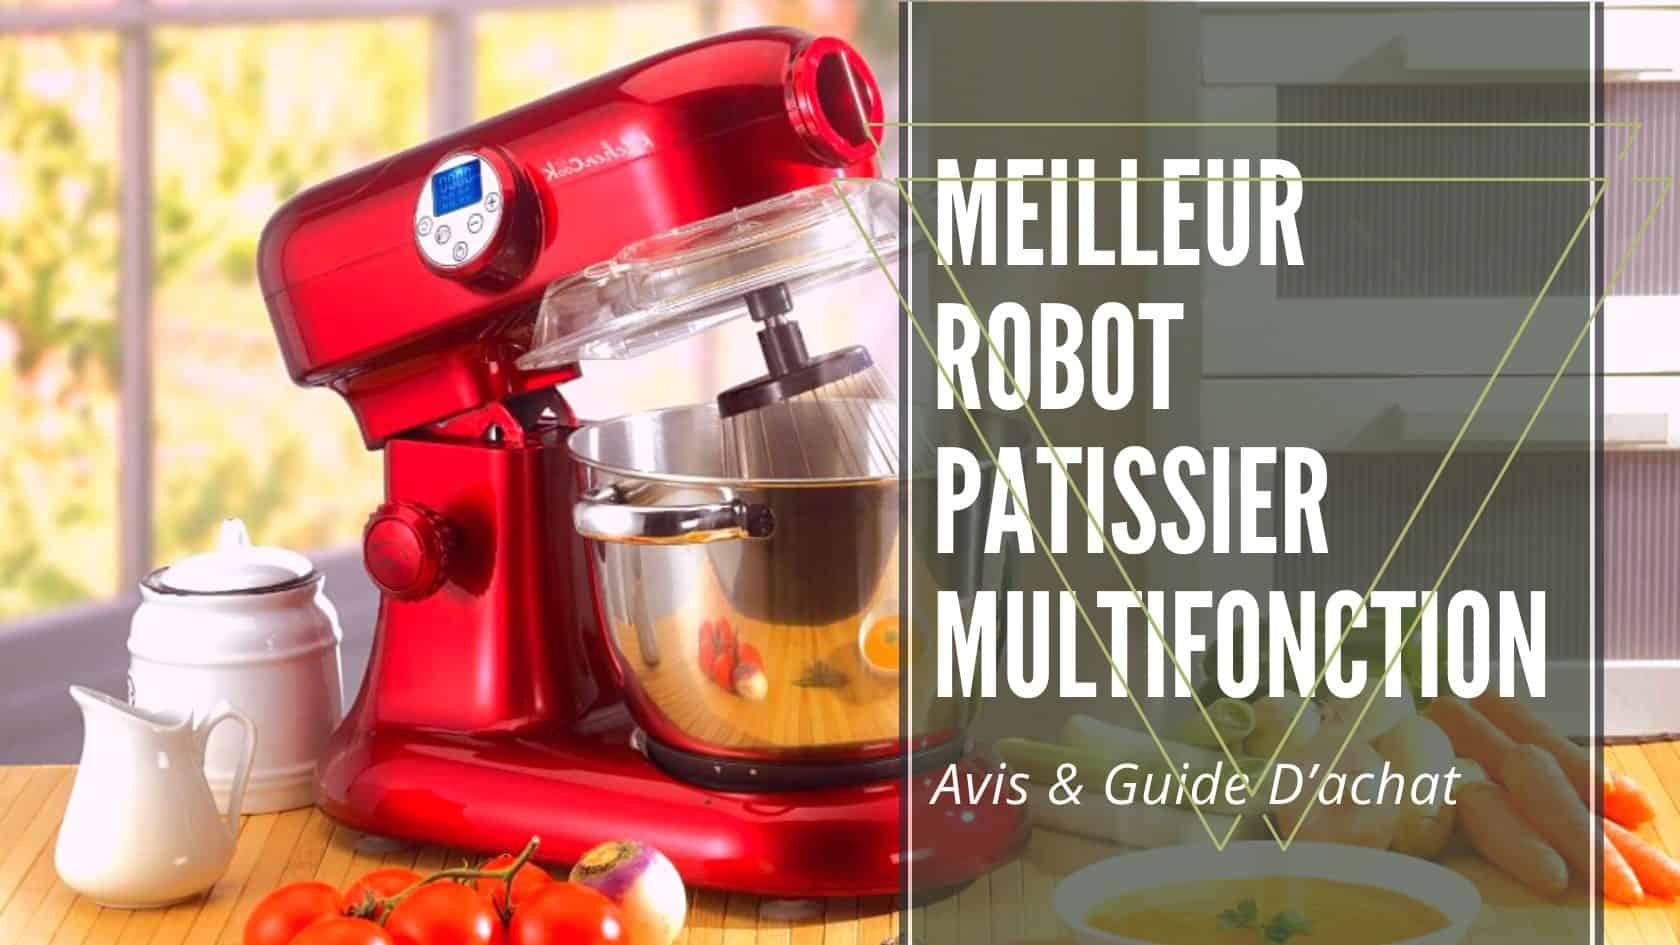 meilleur robot patissier multifonction